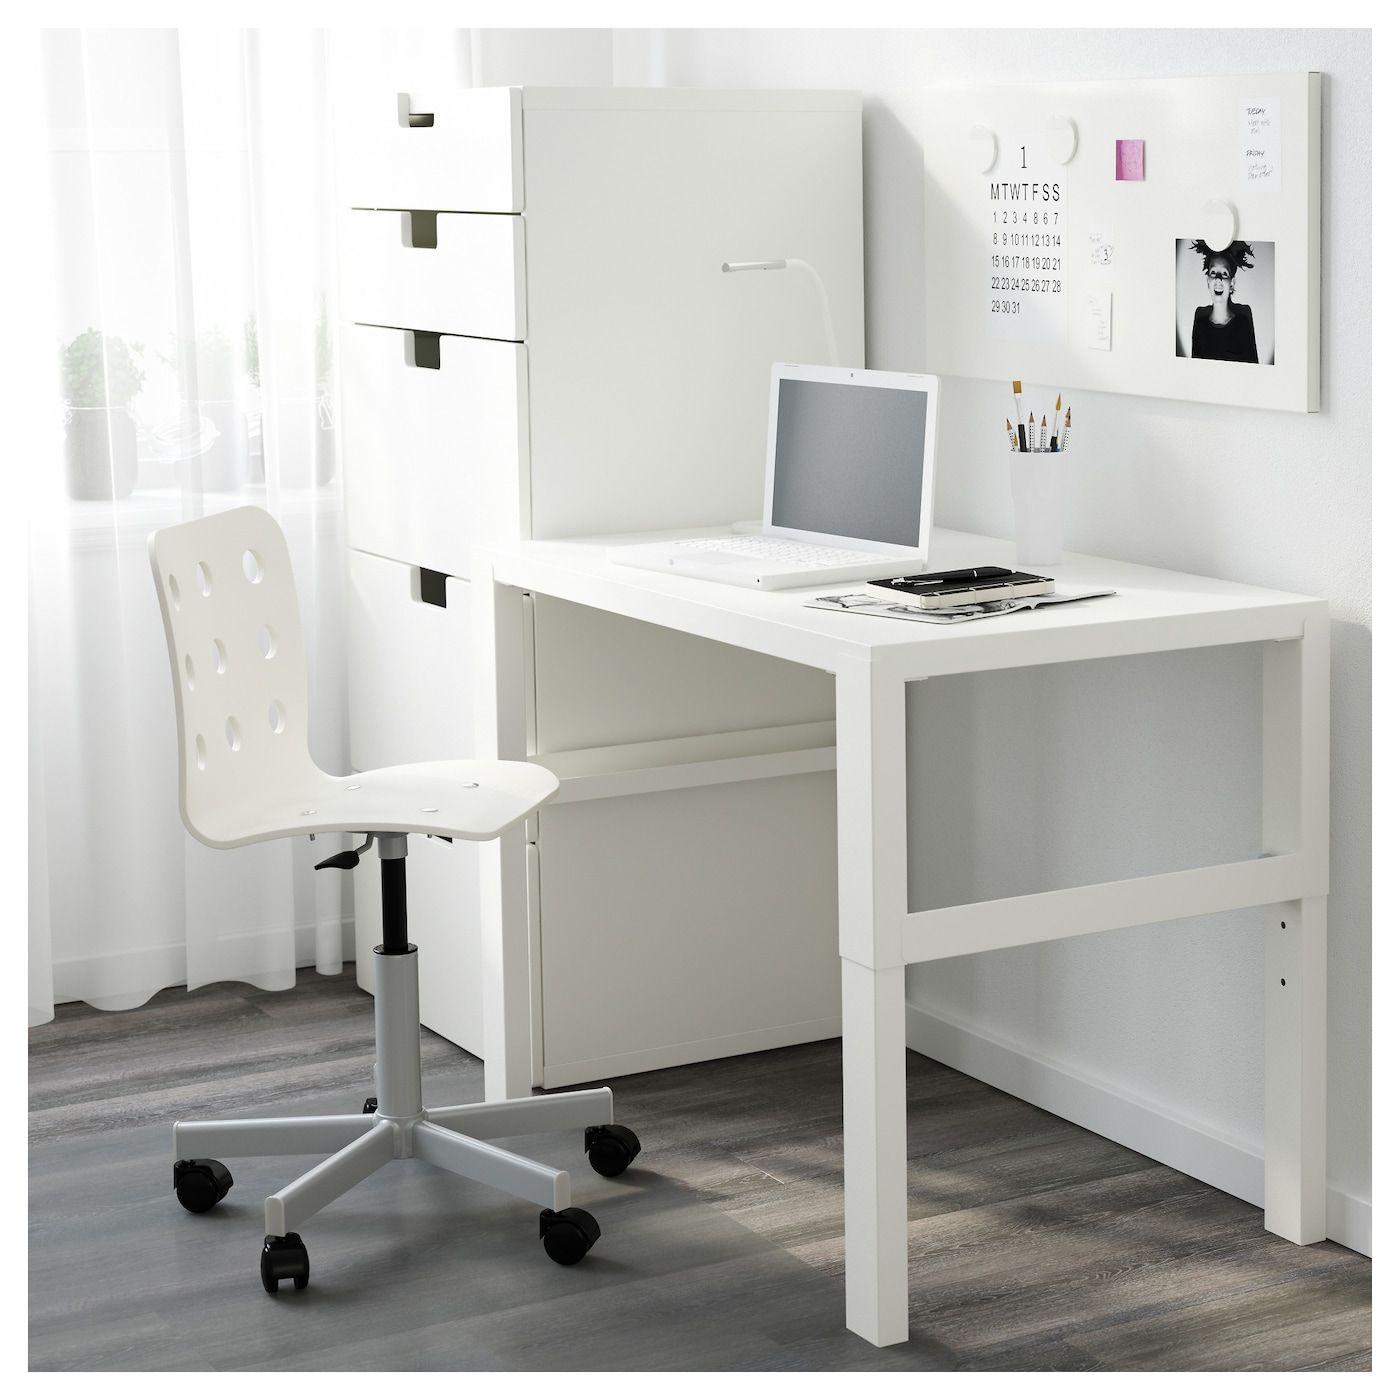 PÅHL Desk white 96x58 cm White desks, Simple room, Ikea